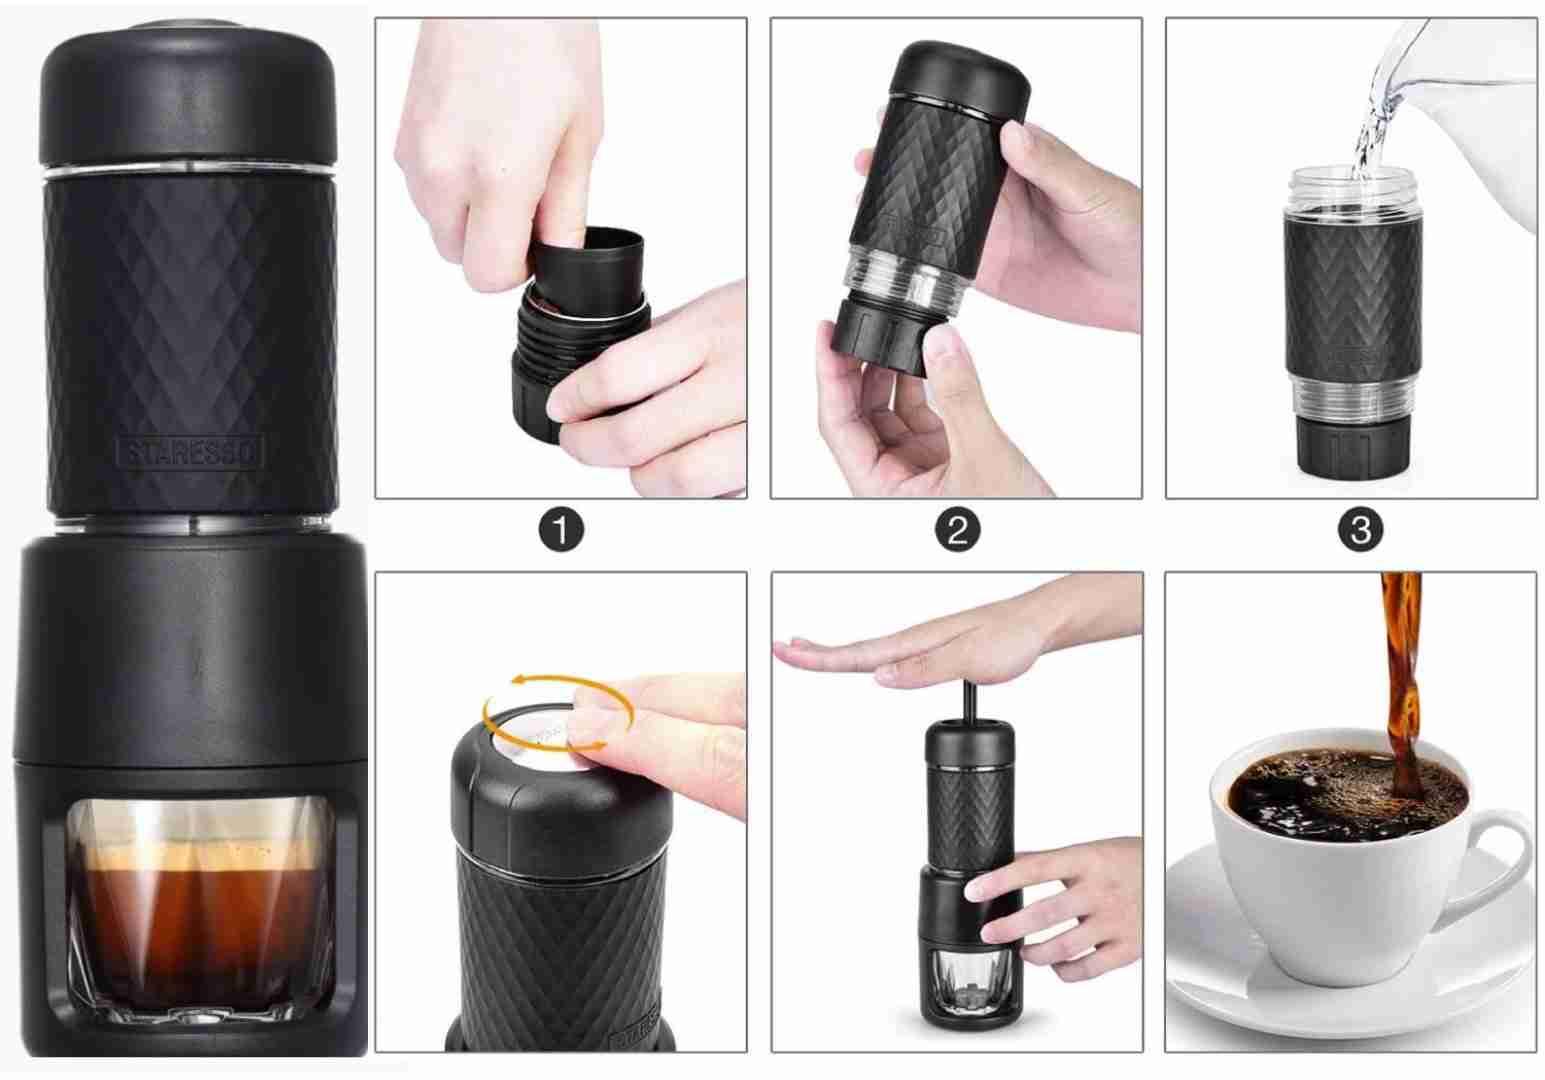 Staresso Portable Espresso Maker For Camping - Crux Range